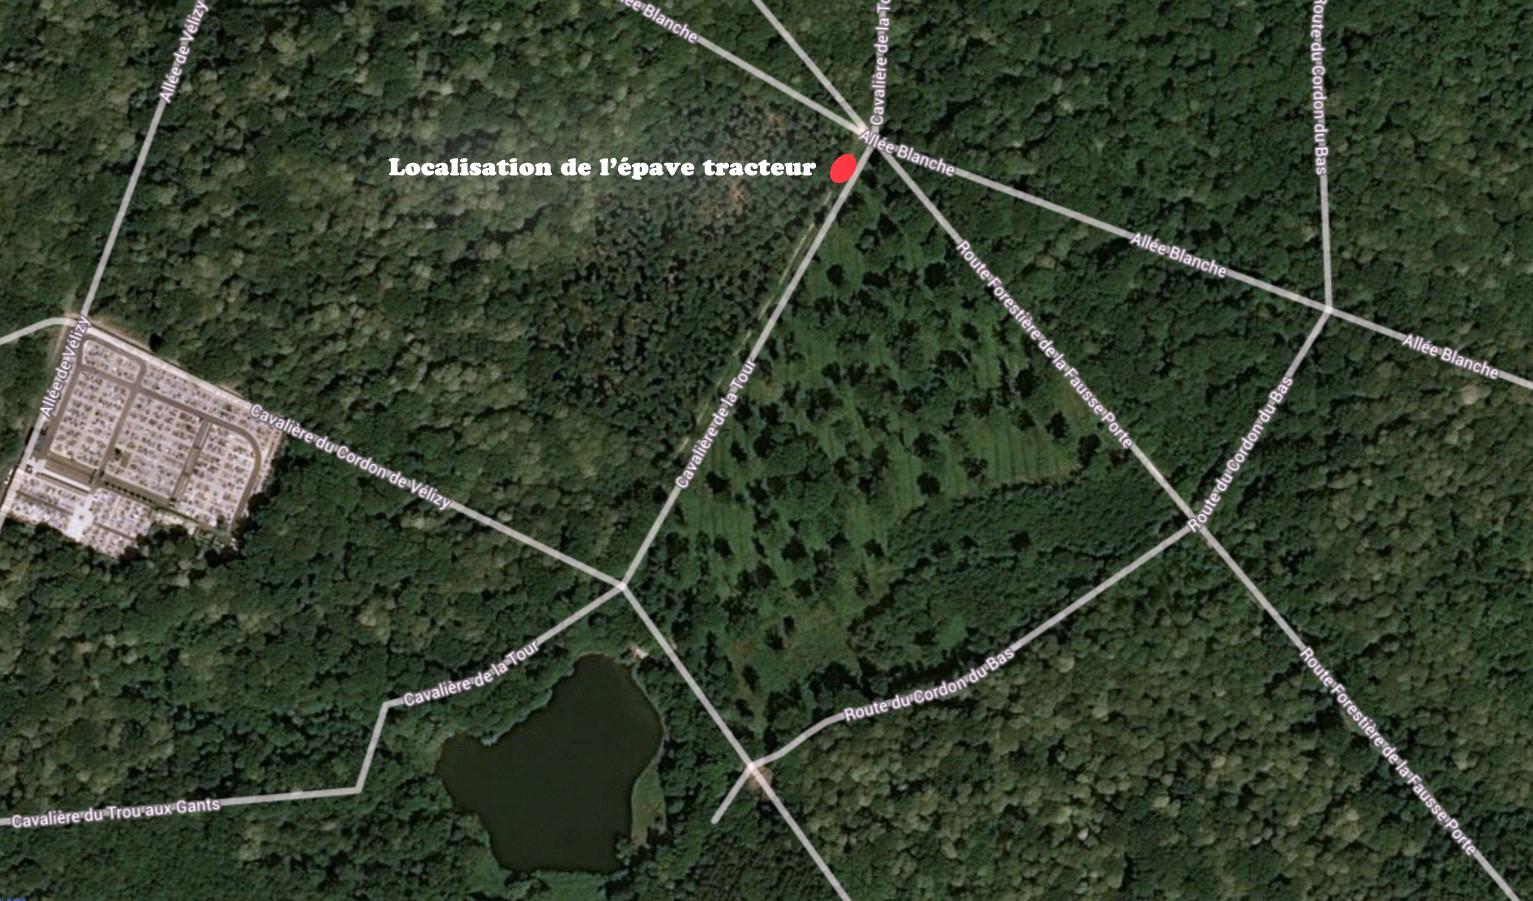 Localisation de l'épave de tracteur en forêt de meudon - Commune de Vélizy.